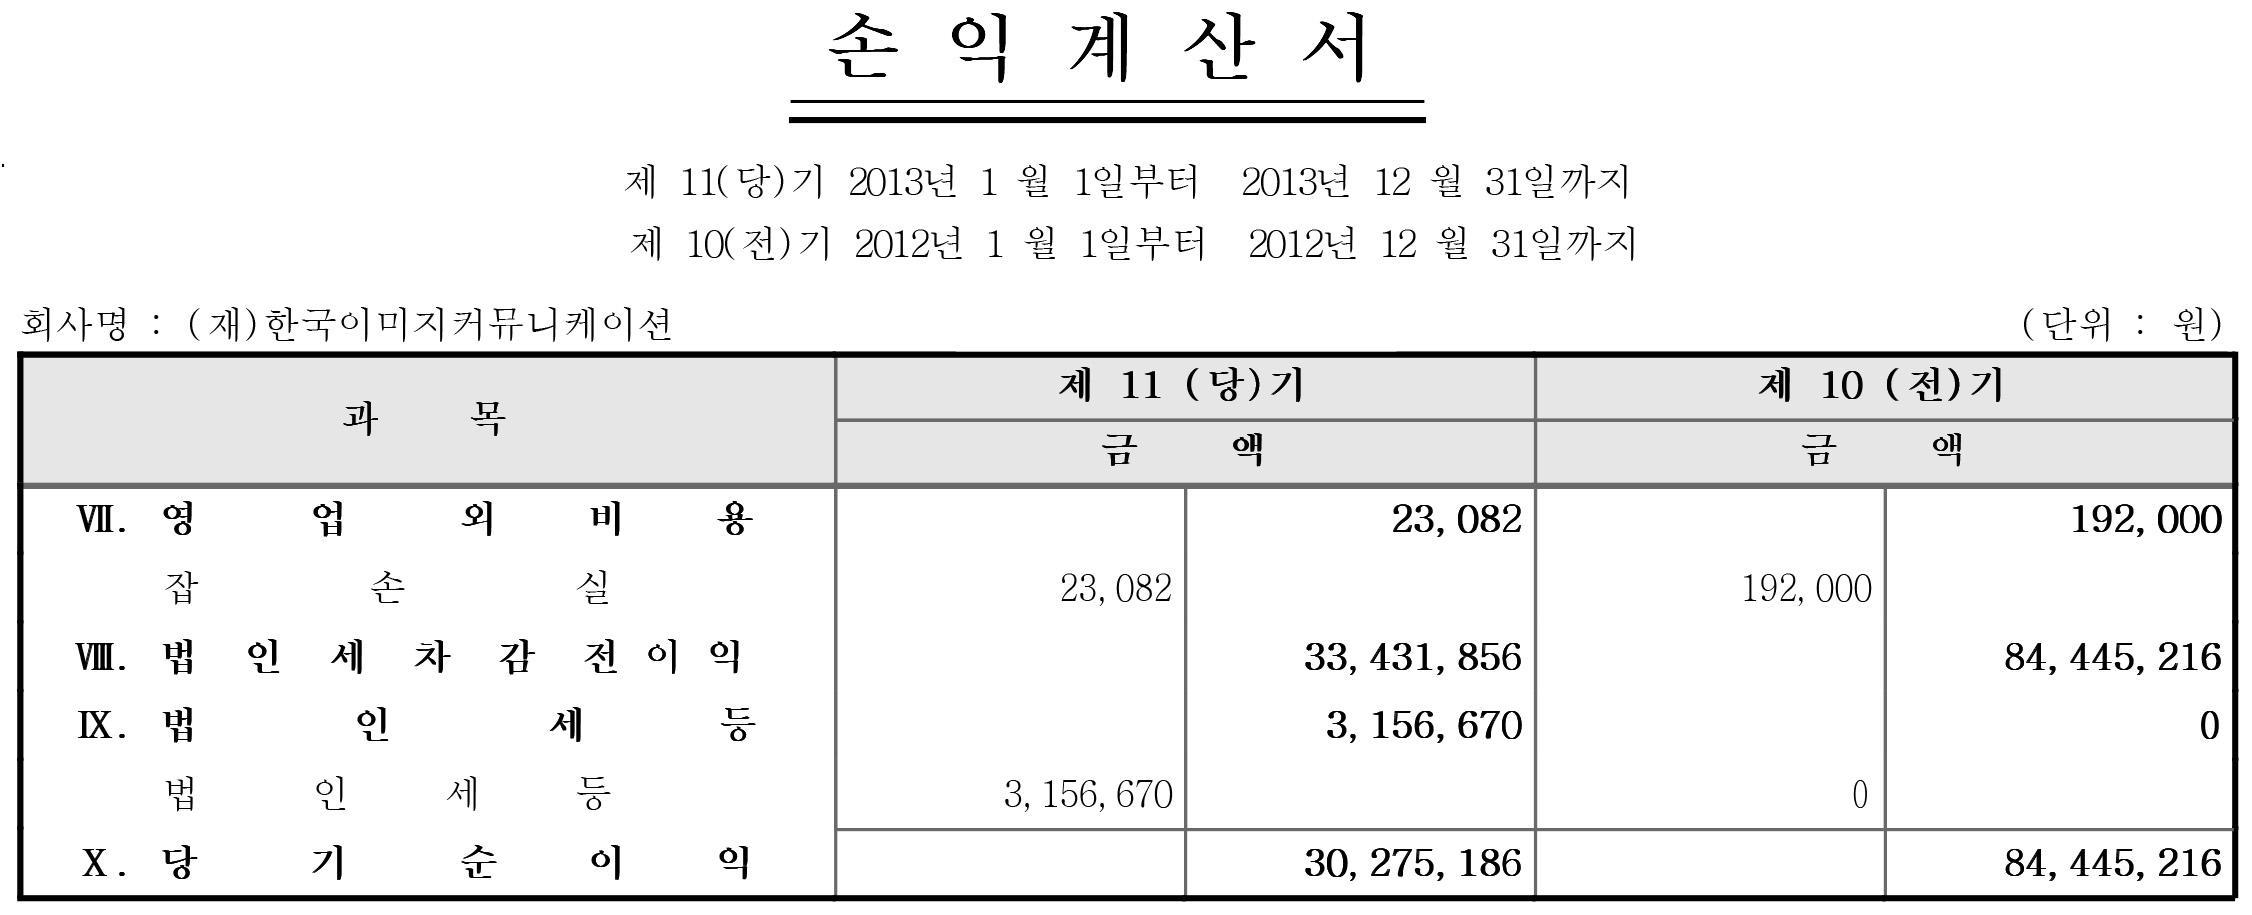 2013년 손익계산서-2.jpg